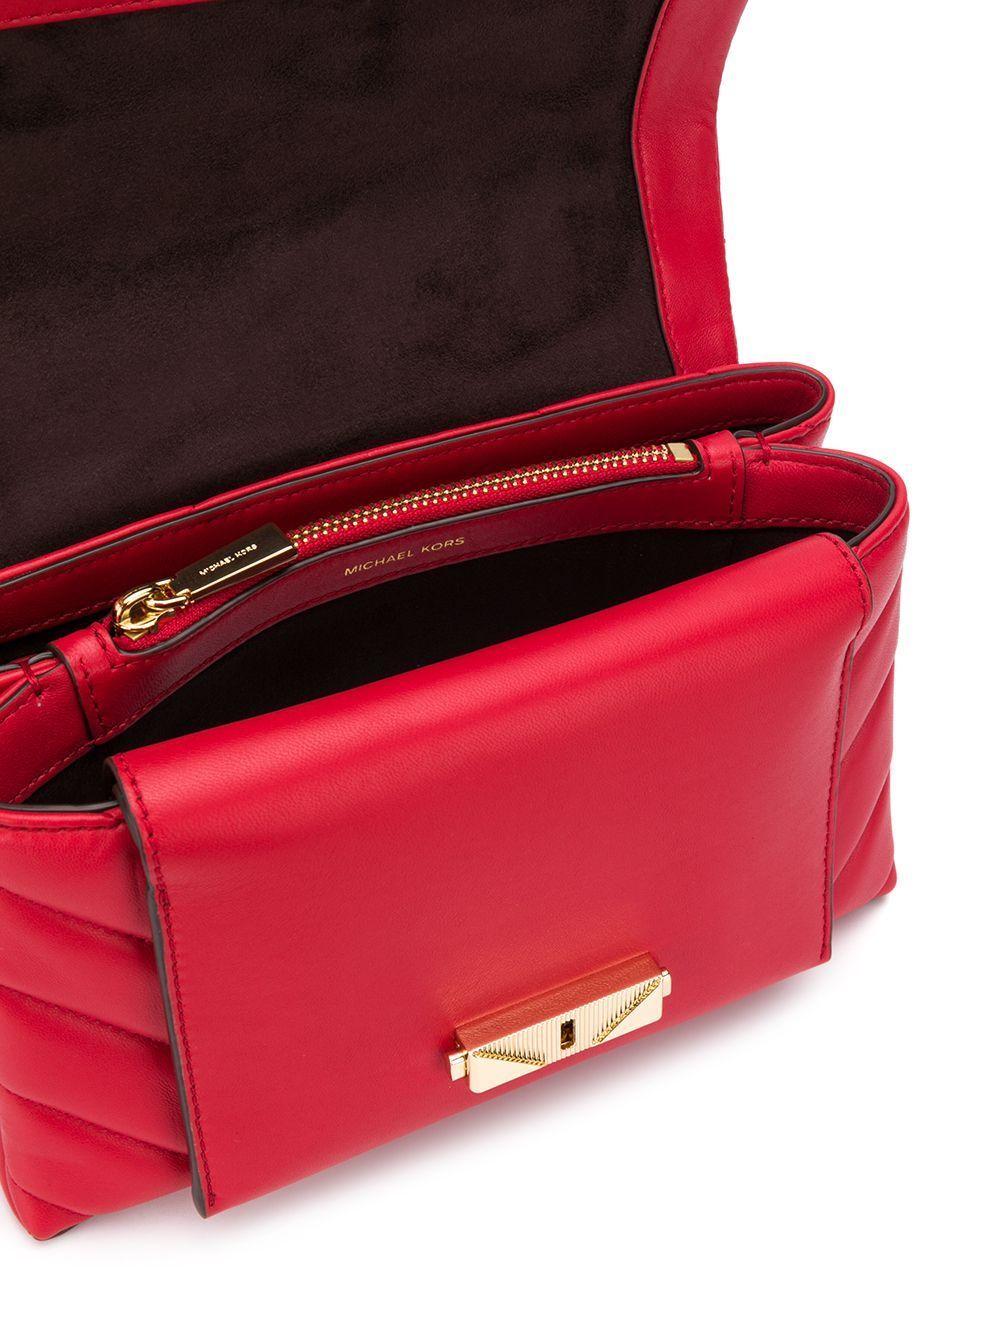 MICHAEL KORS WOMEN'S 30T9G0EL8L683 RED LEATHER SHOULDER BAG